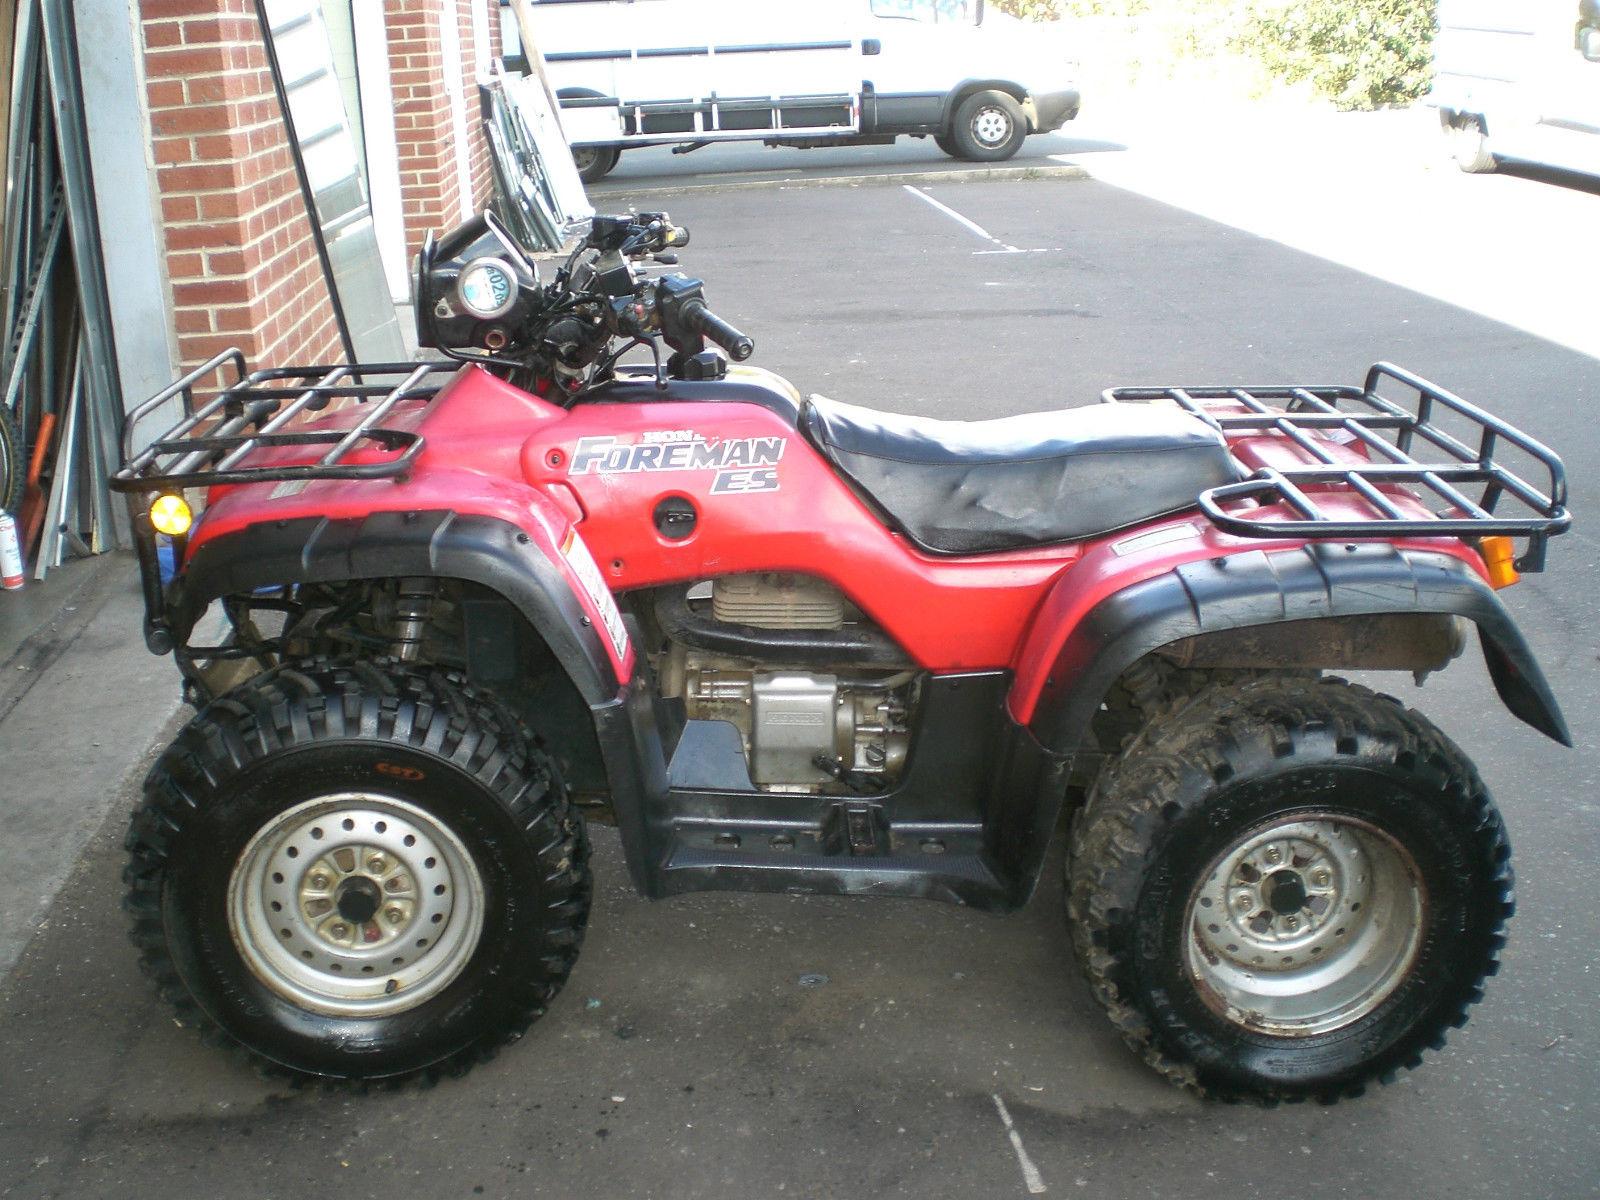 Honda Atv 450 | www.imgkid.com - The Image Kid Has It!